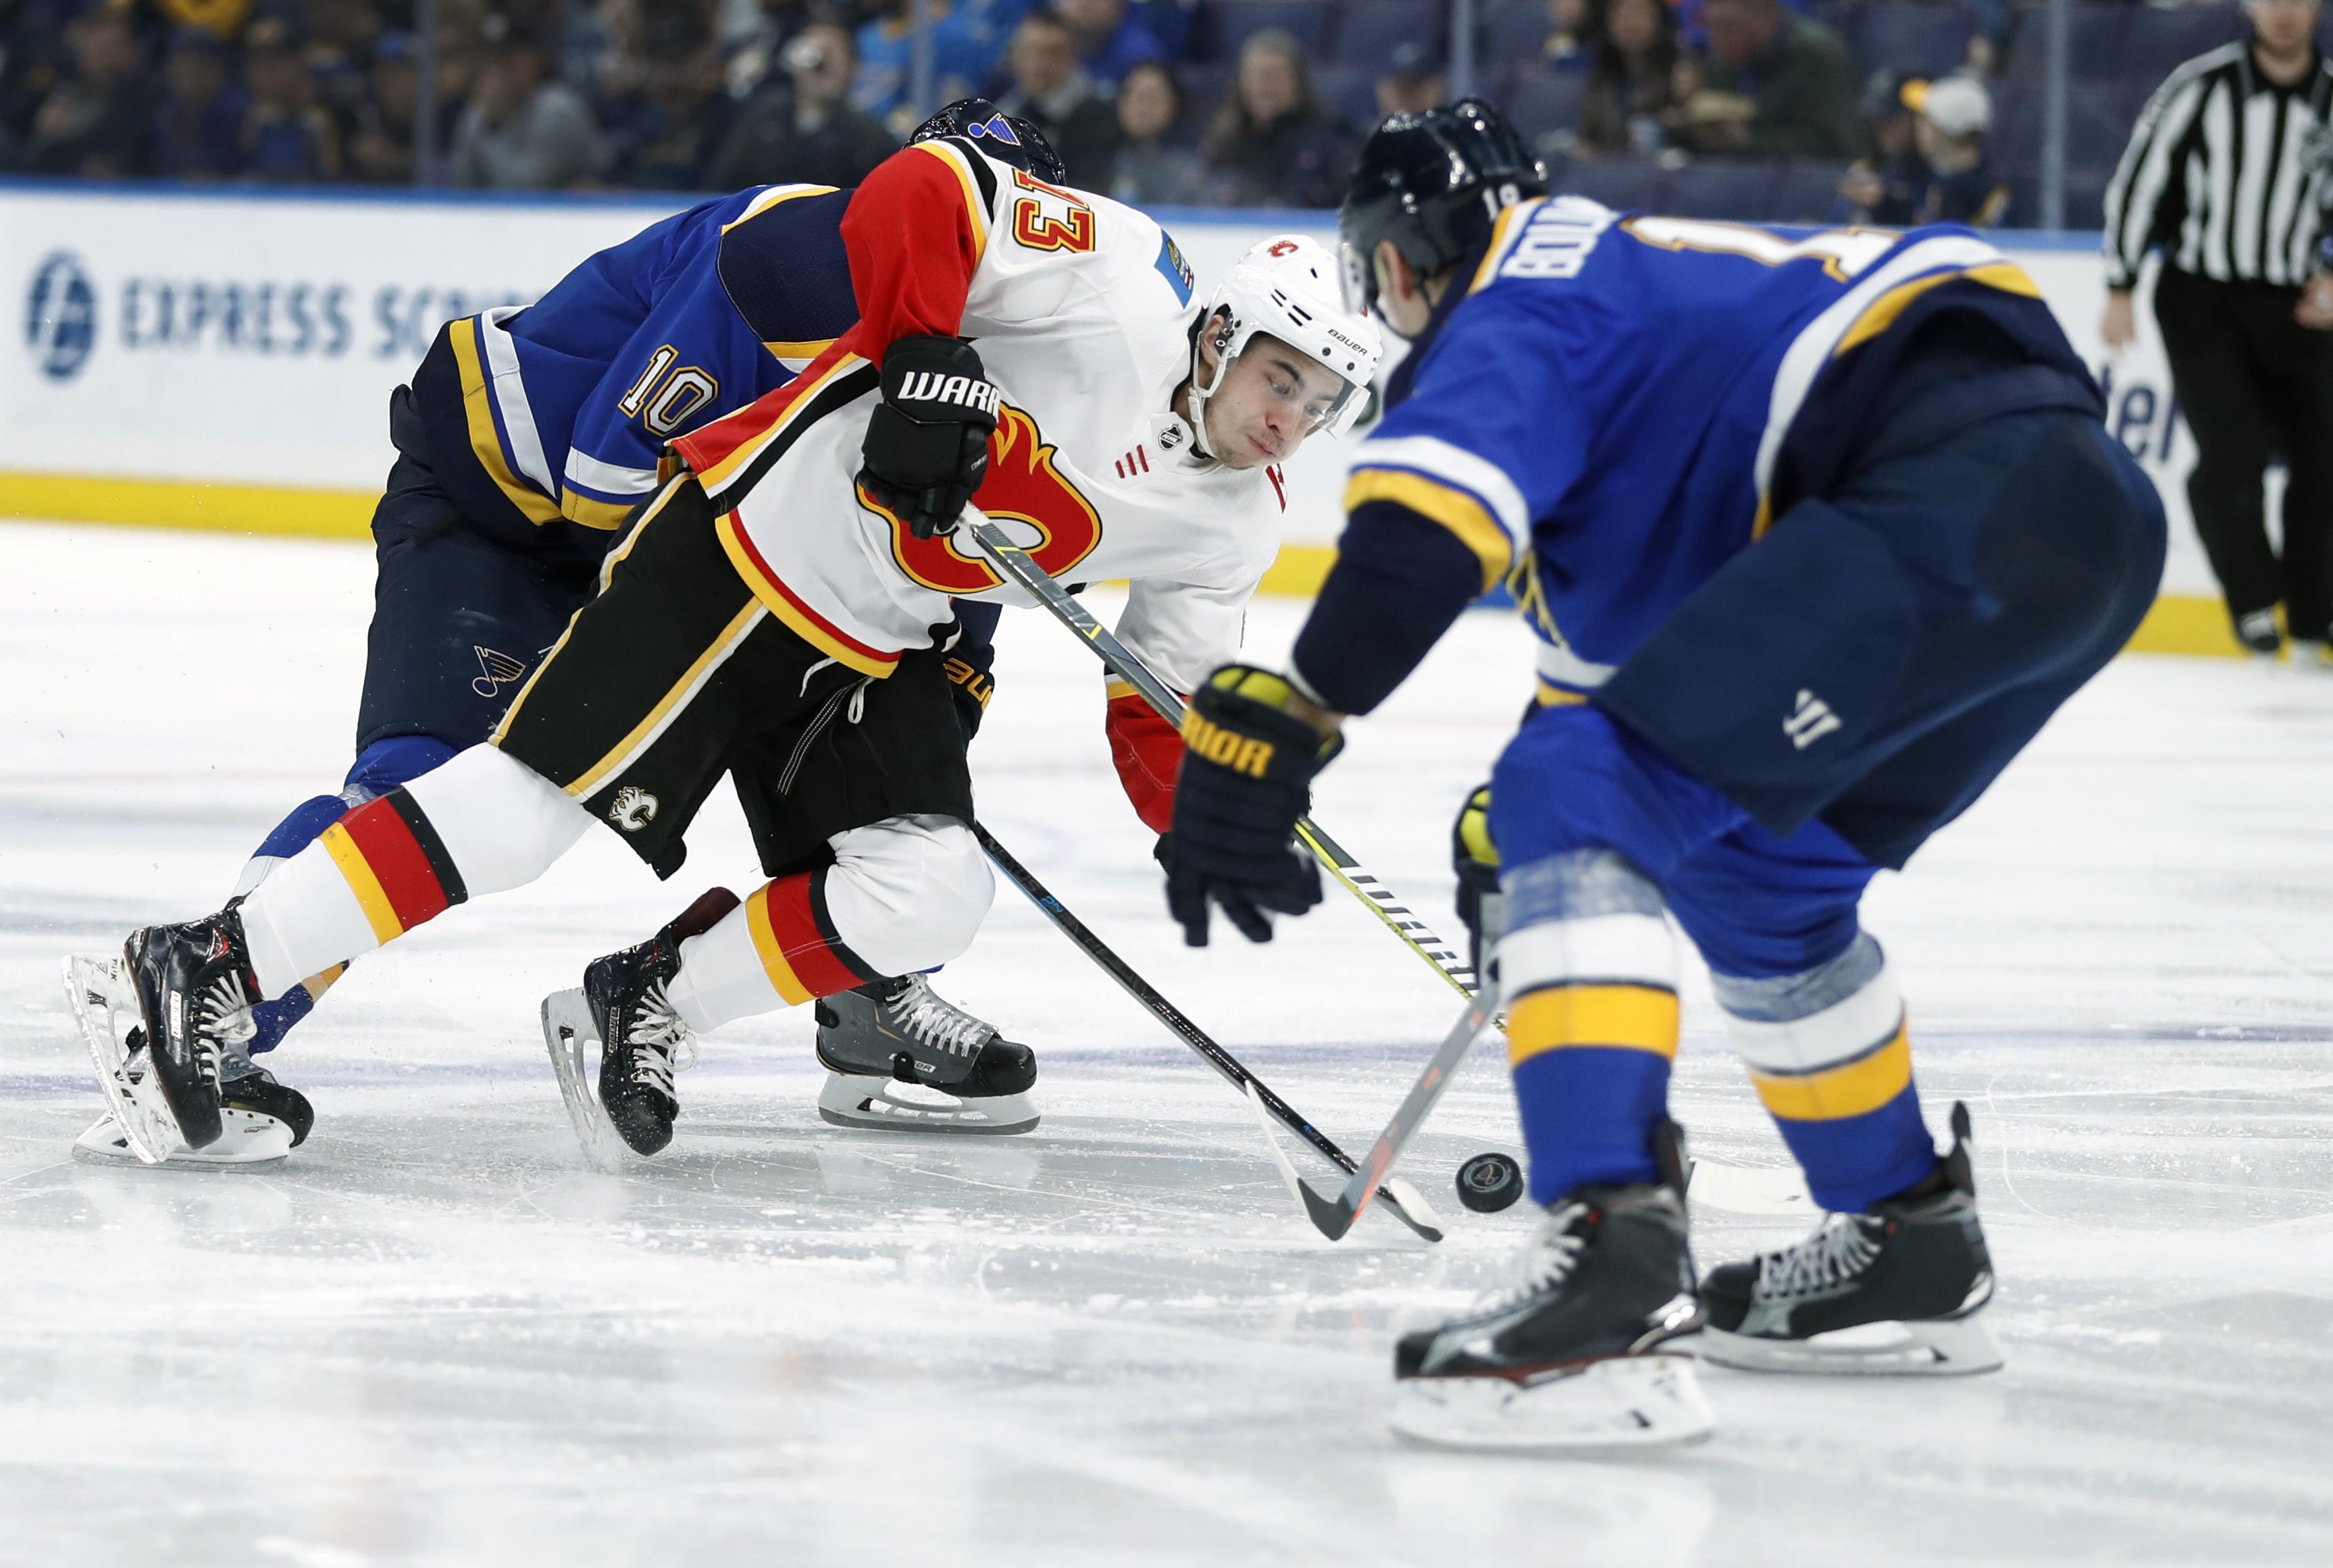 Gaudreau,  Quine score twice to lead Flames past Blues 7-2